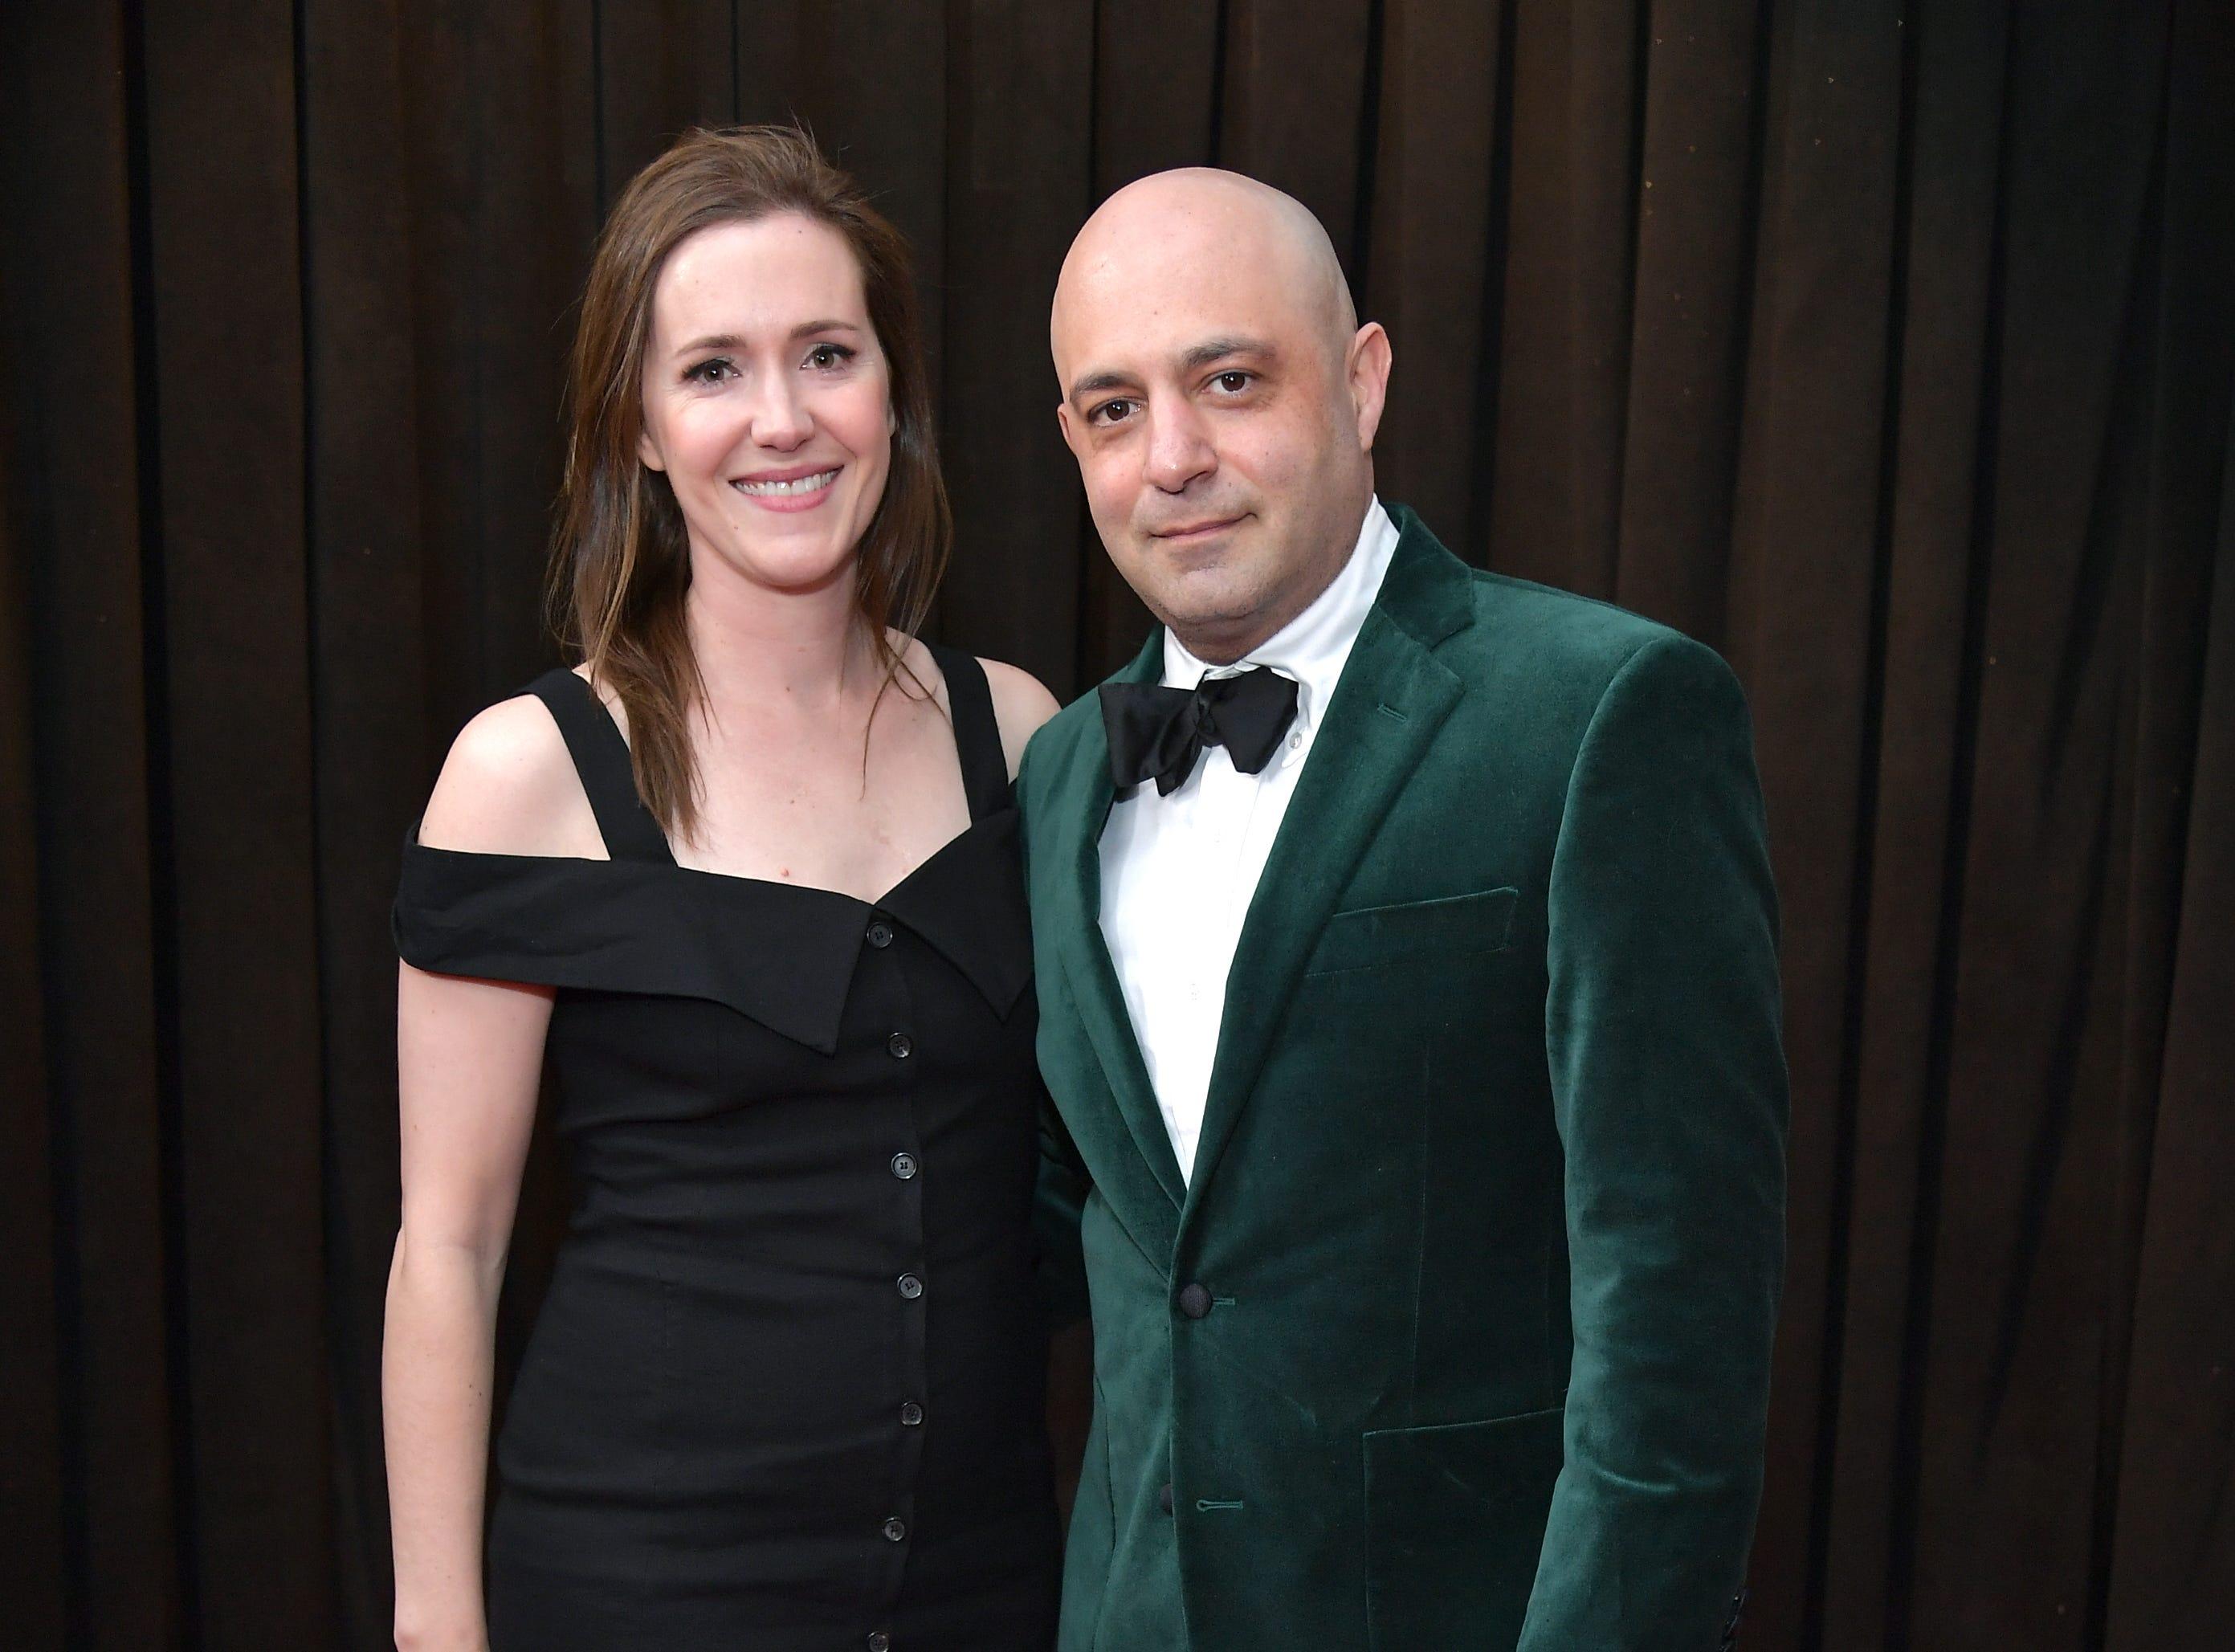 Daniel Tashian (der) y su invitada  asisten a la 61ª edición de los premios GRAMMY en el Staples Center el 10 de febrero de 2019 en Los Ángeles, California.